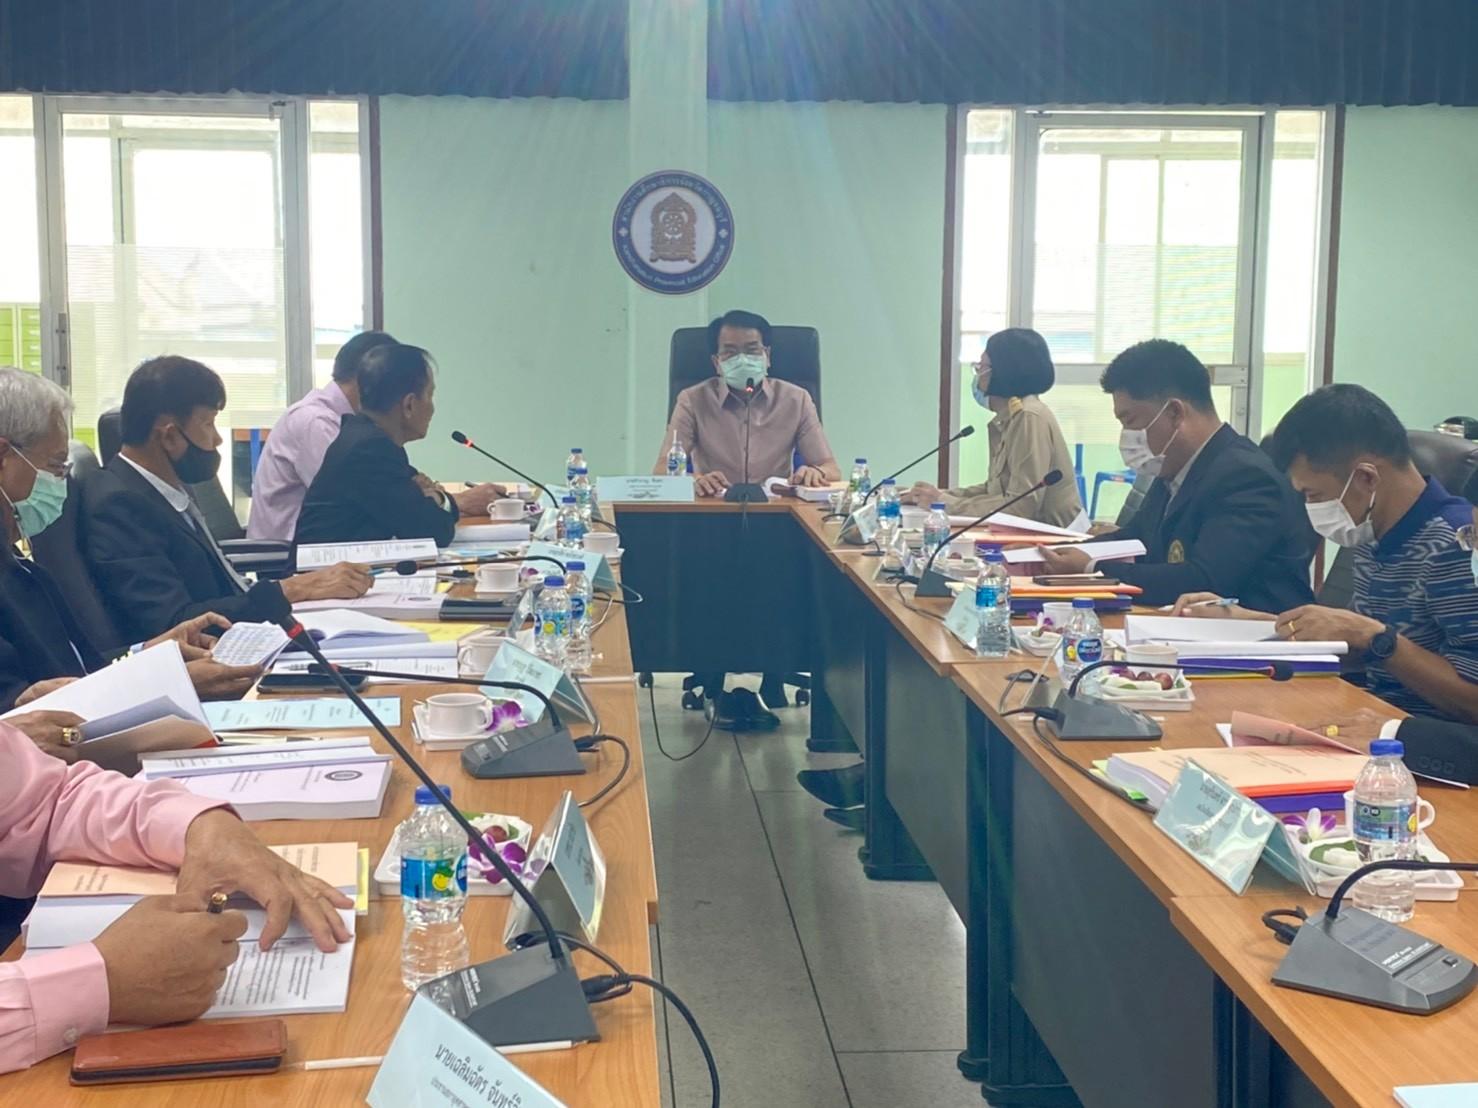 นายชำนาญ ชื่นตา รองผู้ว่าราชการจังหวัดกาญจนบุรี เป็นประธานในการประชุมคณะกรรมการศึกษาธิการจังหวัดกาญจนบุรี ครั้งที่ 4/2564